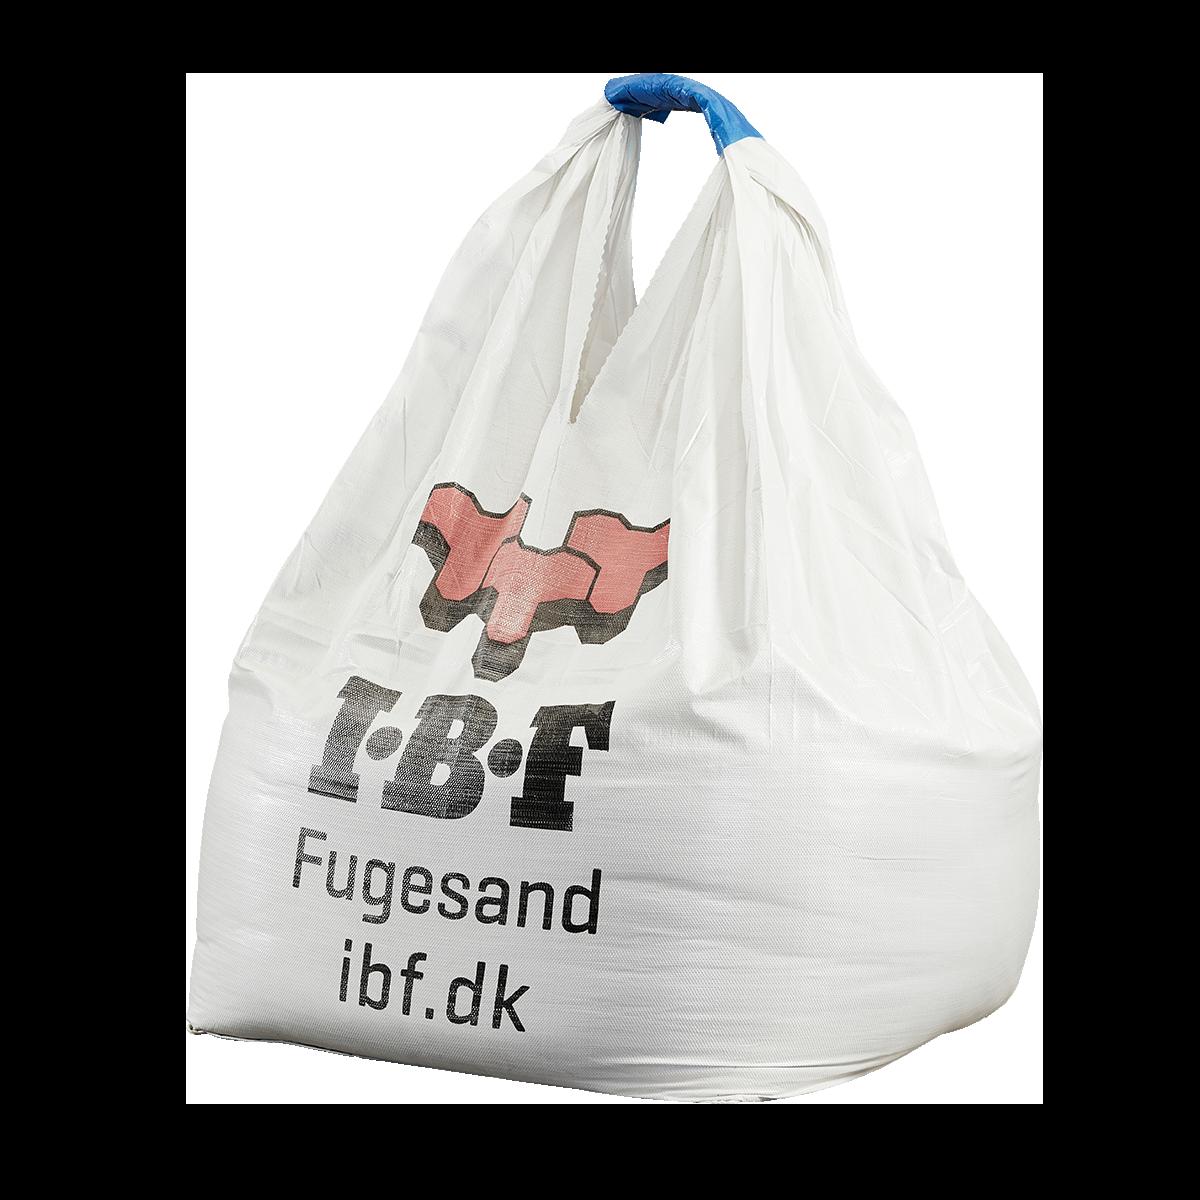 IBF Fugesand 0-4 mm (iht. DS/EN 1136) 1.000 kg. Big Bag